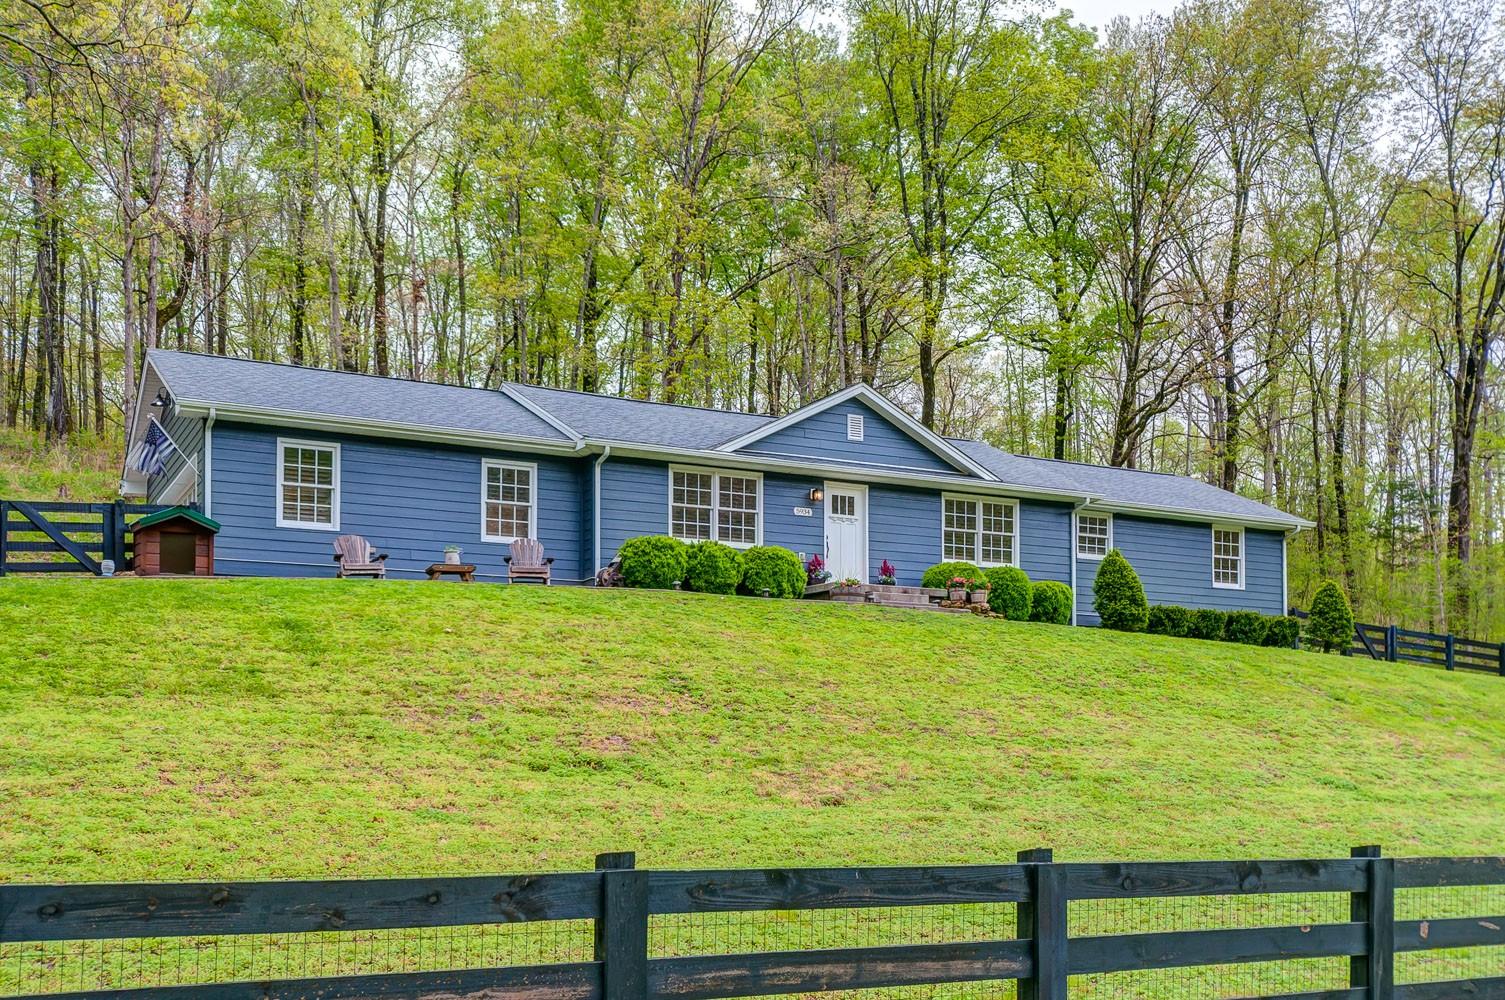 5934 Garrison Rd, Franklin, TN 37064 - Franklin, TN real estate listing